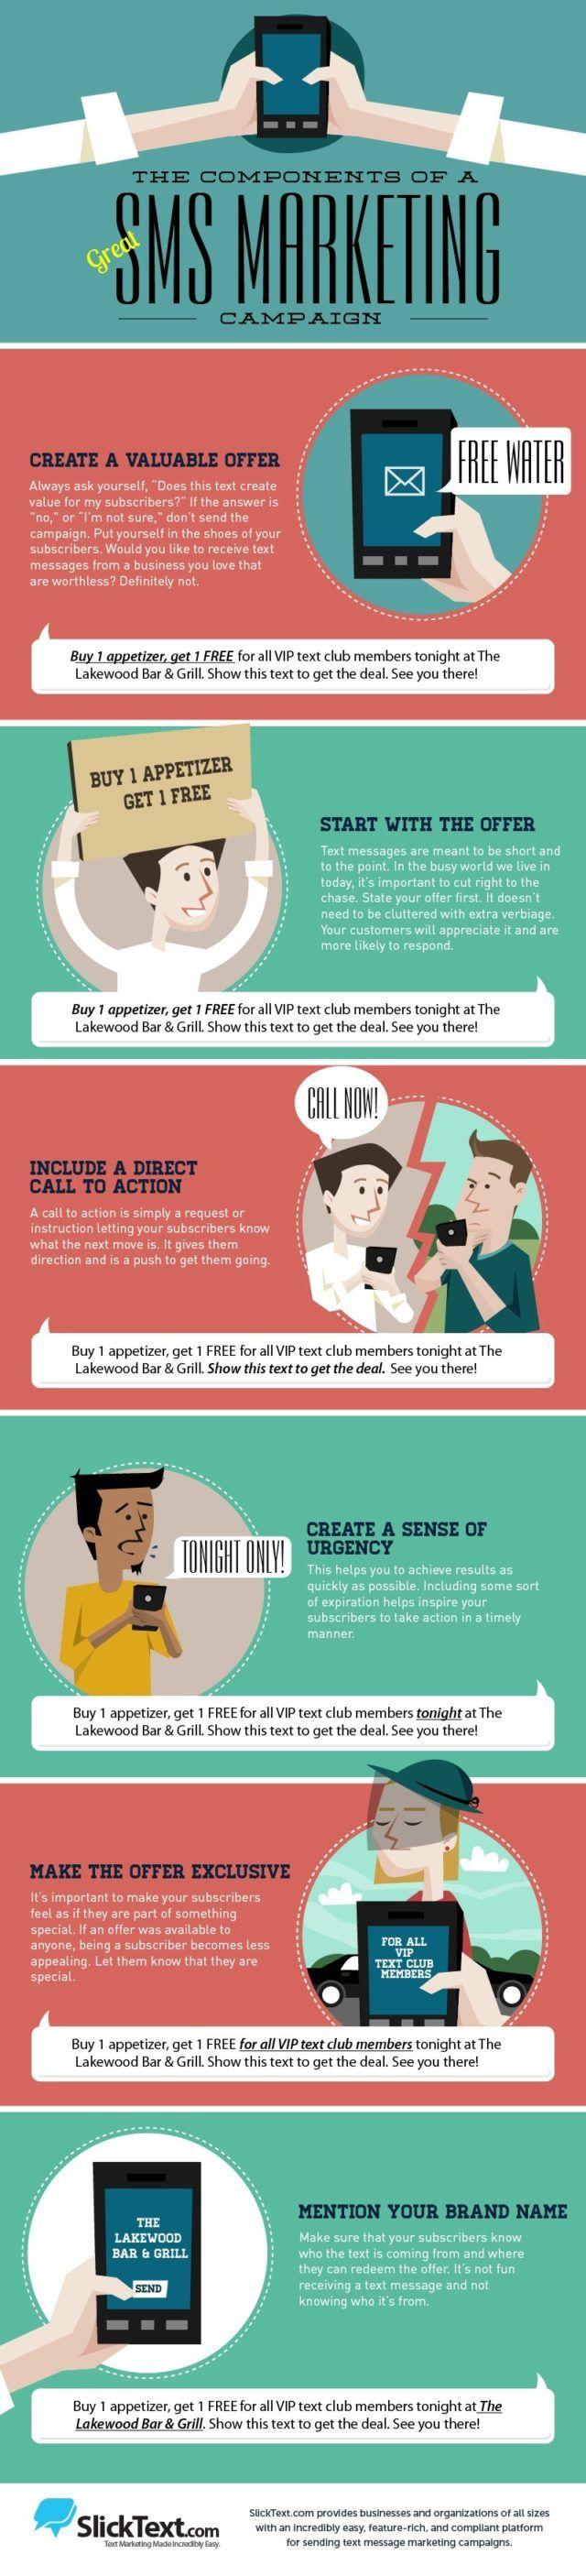 Infografía: elementos de un mensaje de SMS marketing